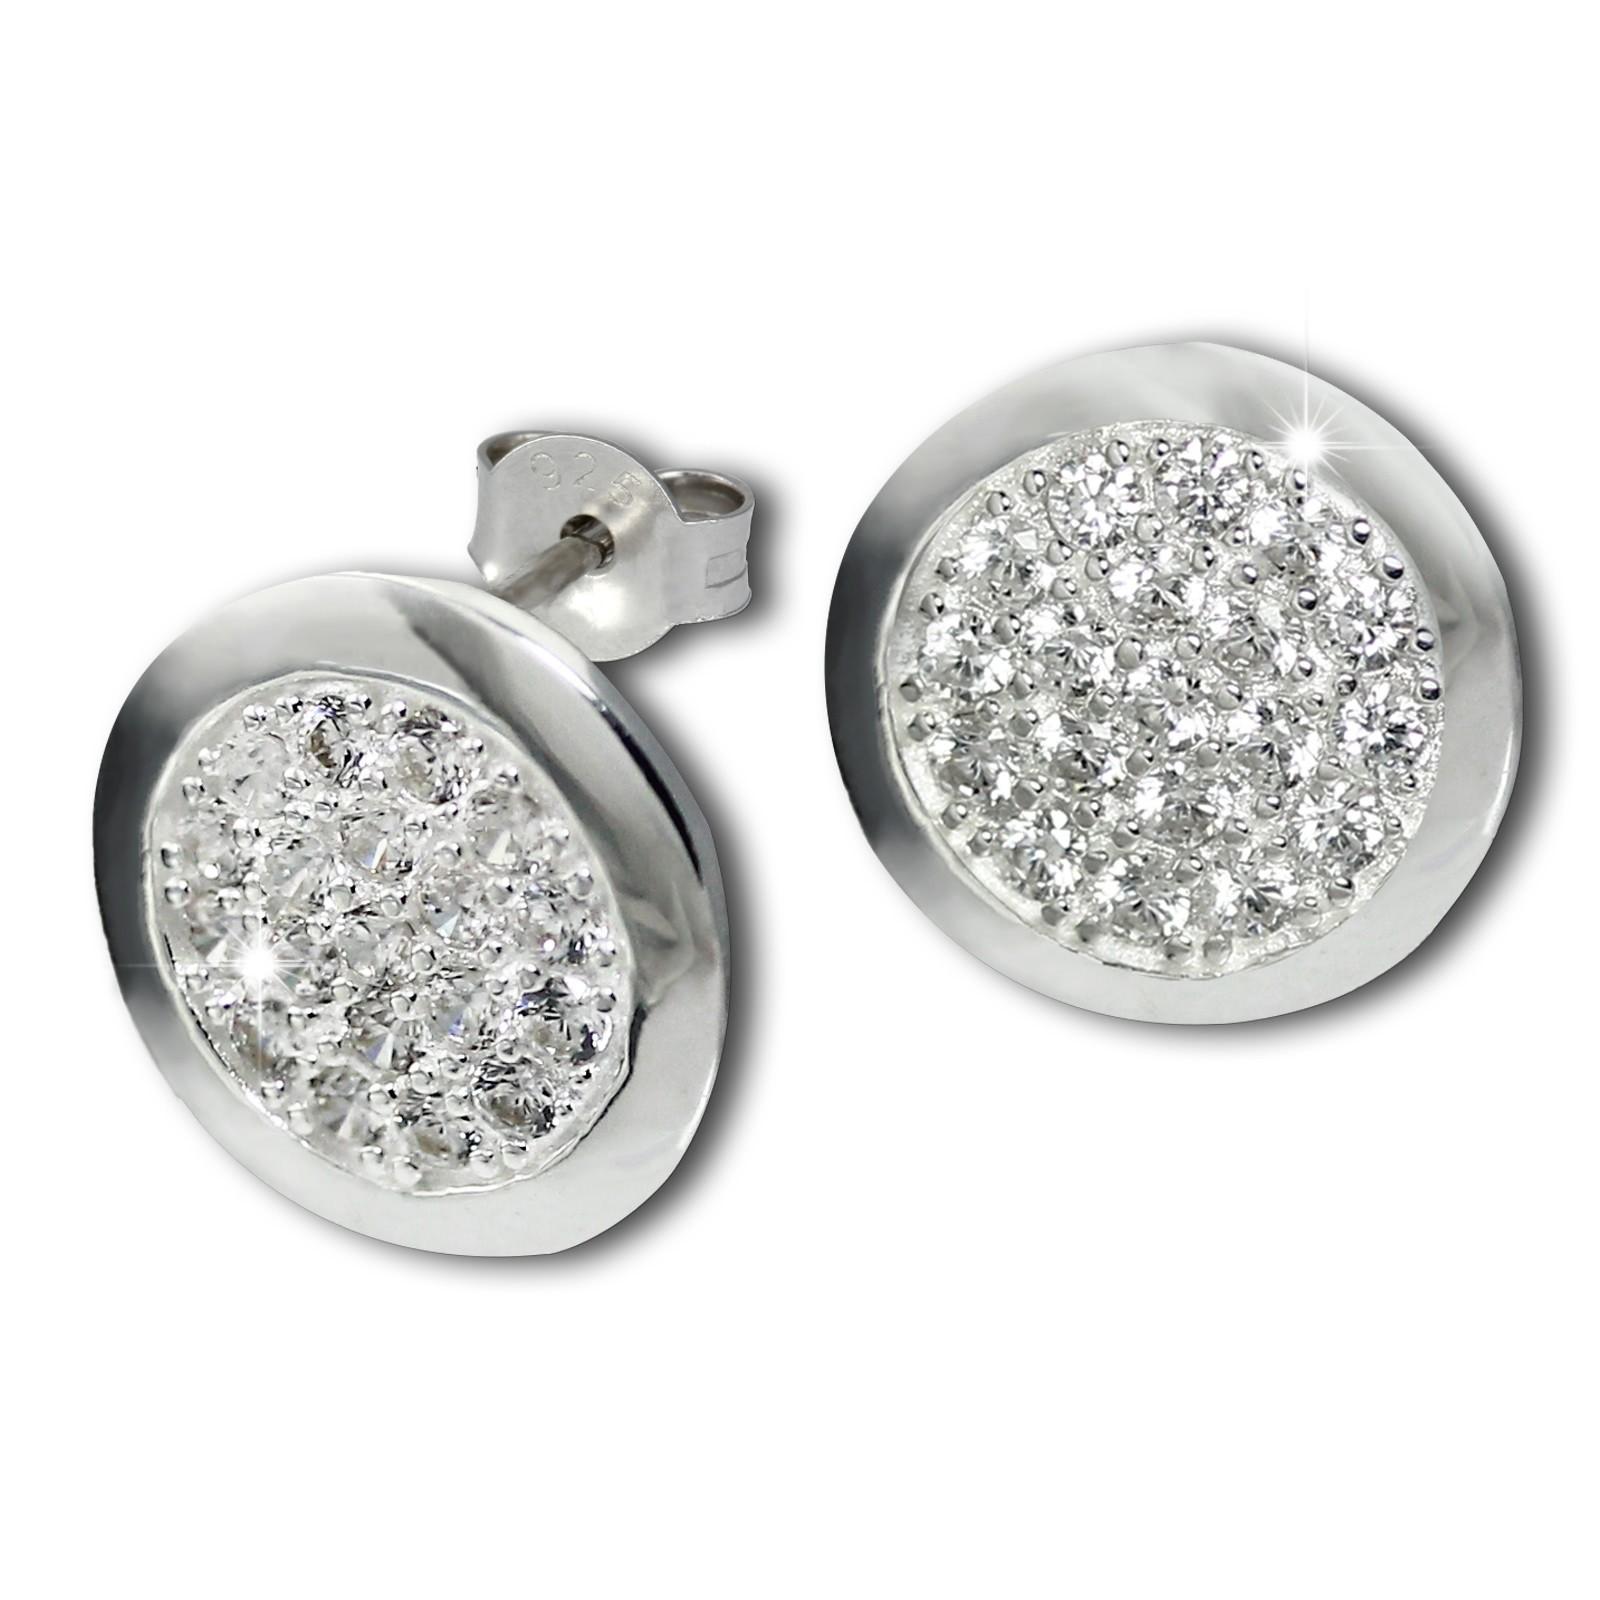 SilberDream Glitzer Ohrstecker Zirkoniascheibe weiß 925 Silber GSO219W